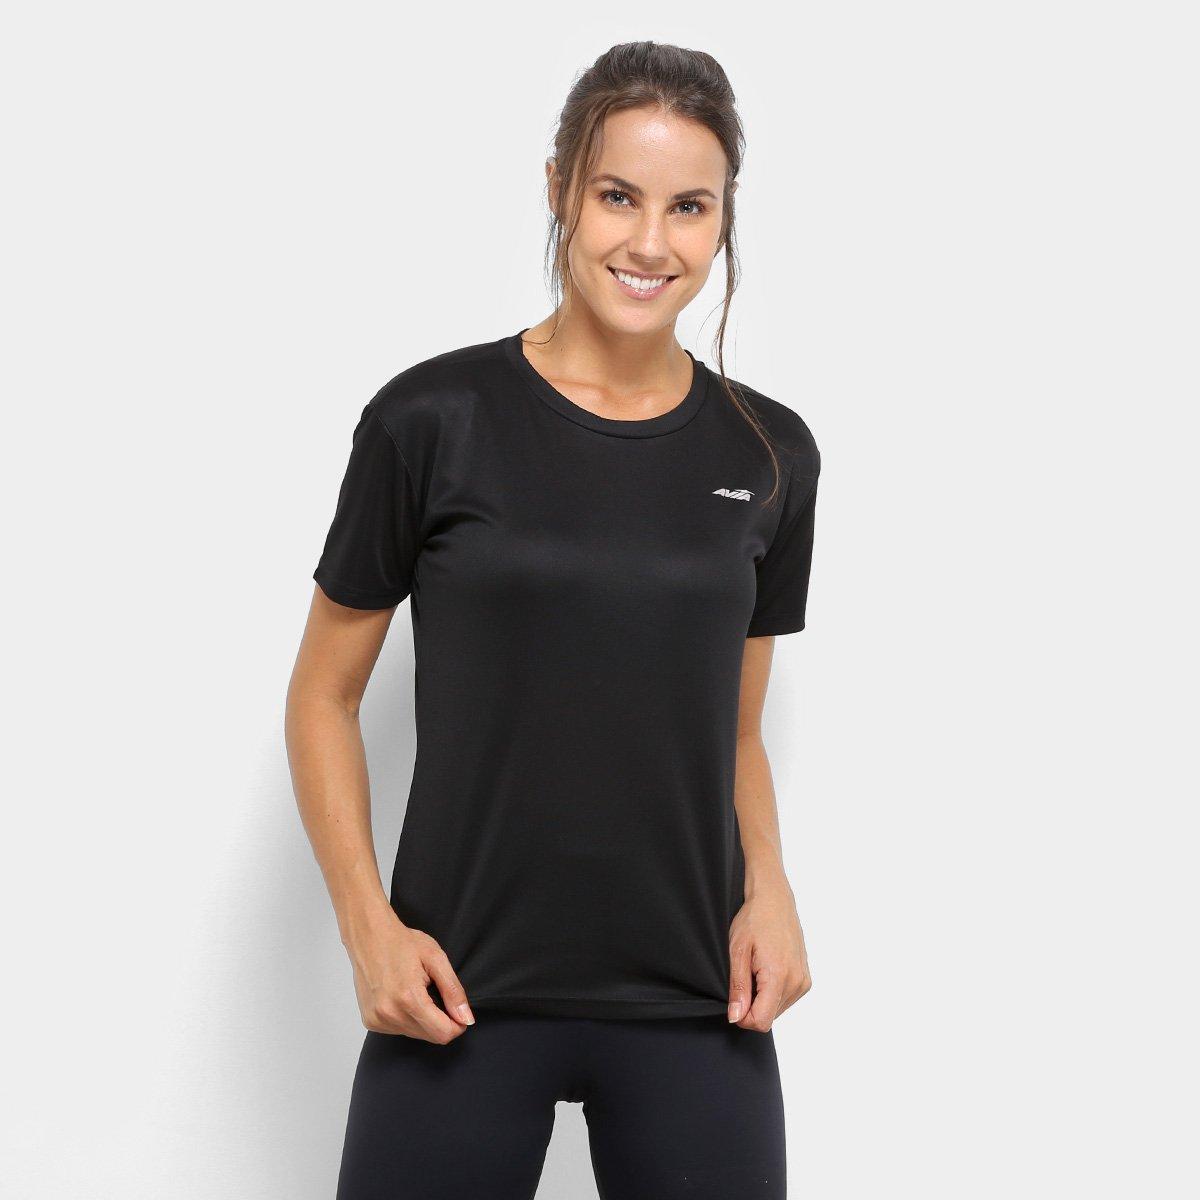 Camiseta Avia Marie Feminina c2a620363a7e9